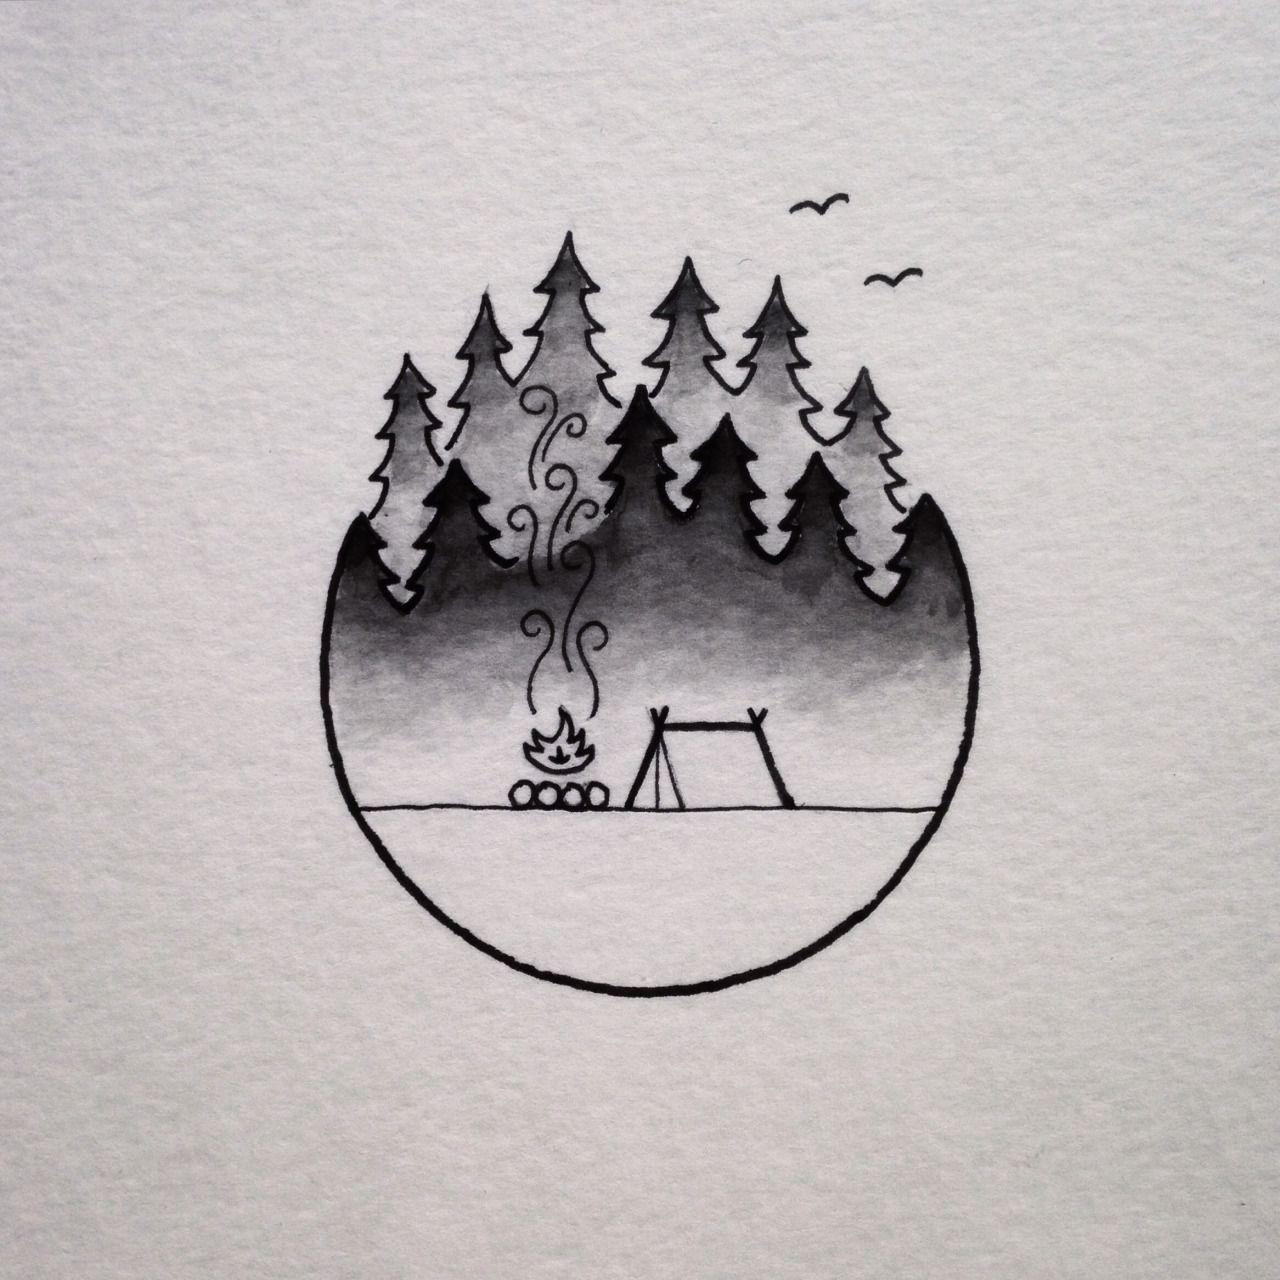 ▷ 1001 + ideas de dibujos fáciles de hacer paso a paso